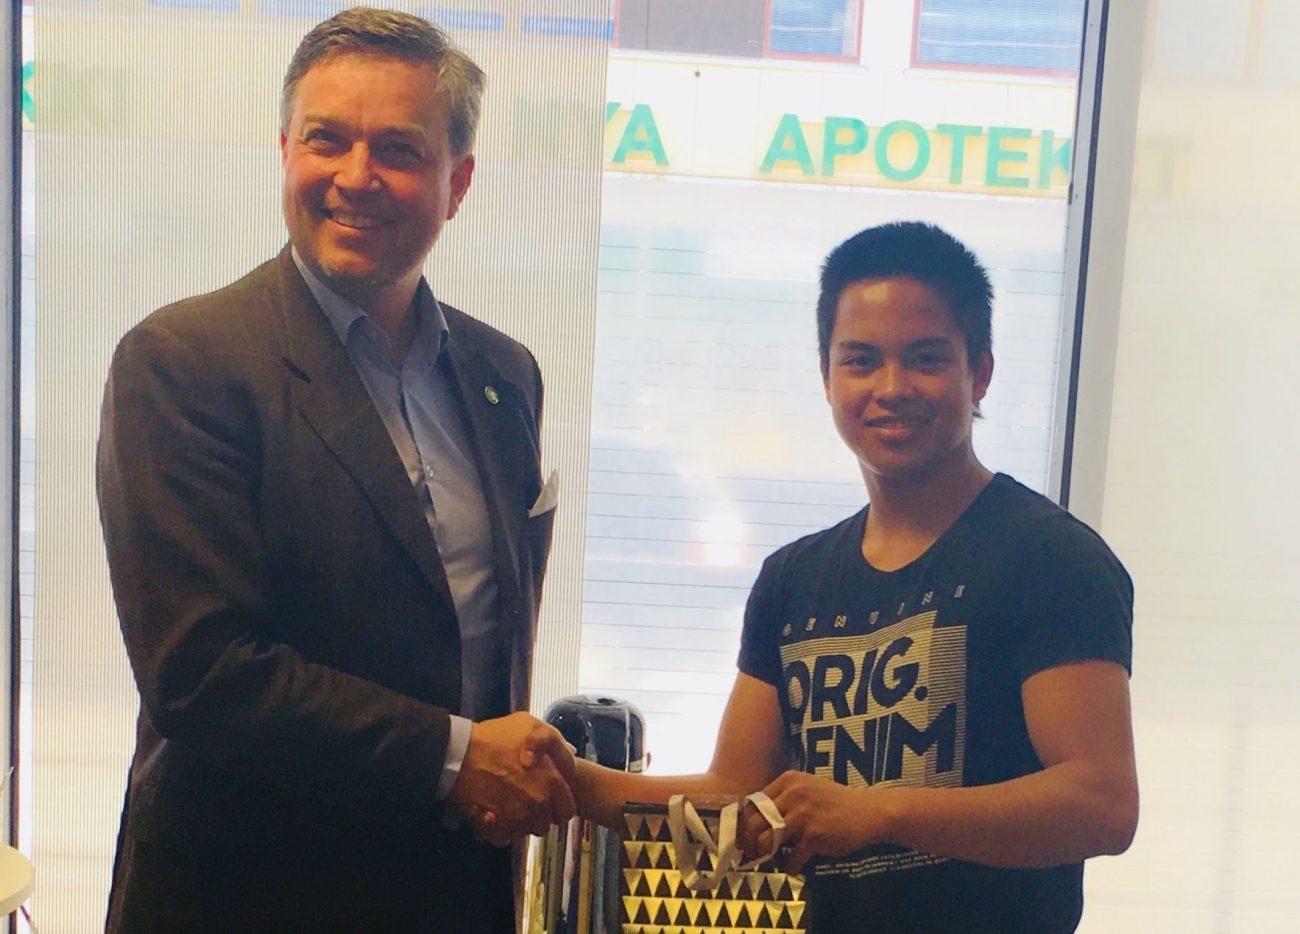 Posintran liikeideakilpailun voittanut Joseph Lampén vastaanottaa palkinnon Posintran yrityspalveluiden johtajalta, Fredrik Pressleriltä.